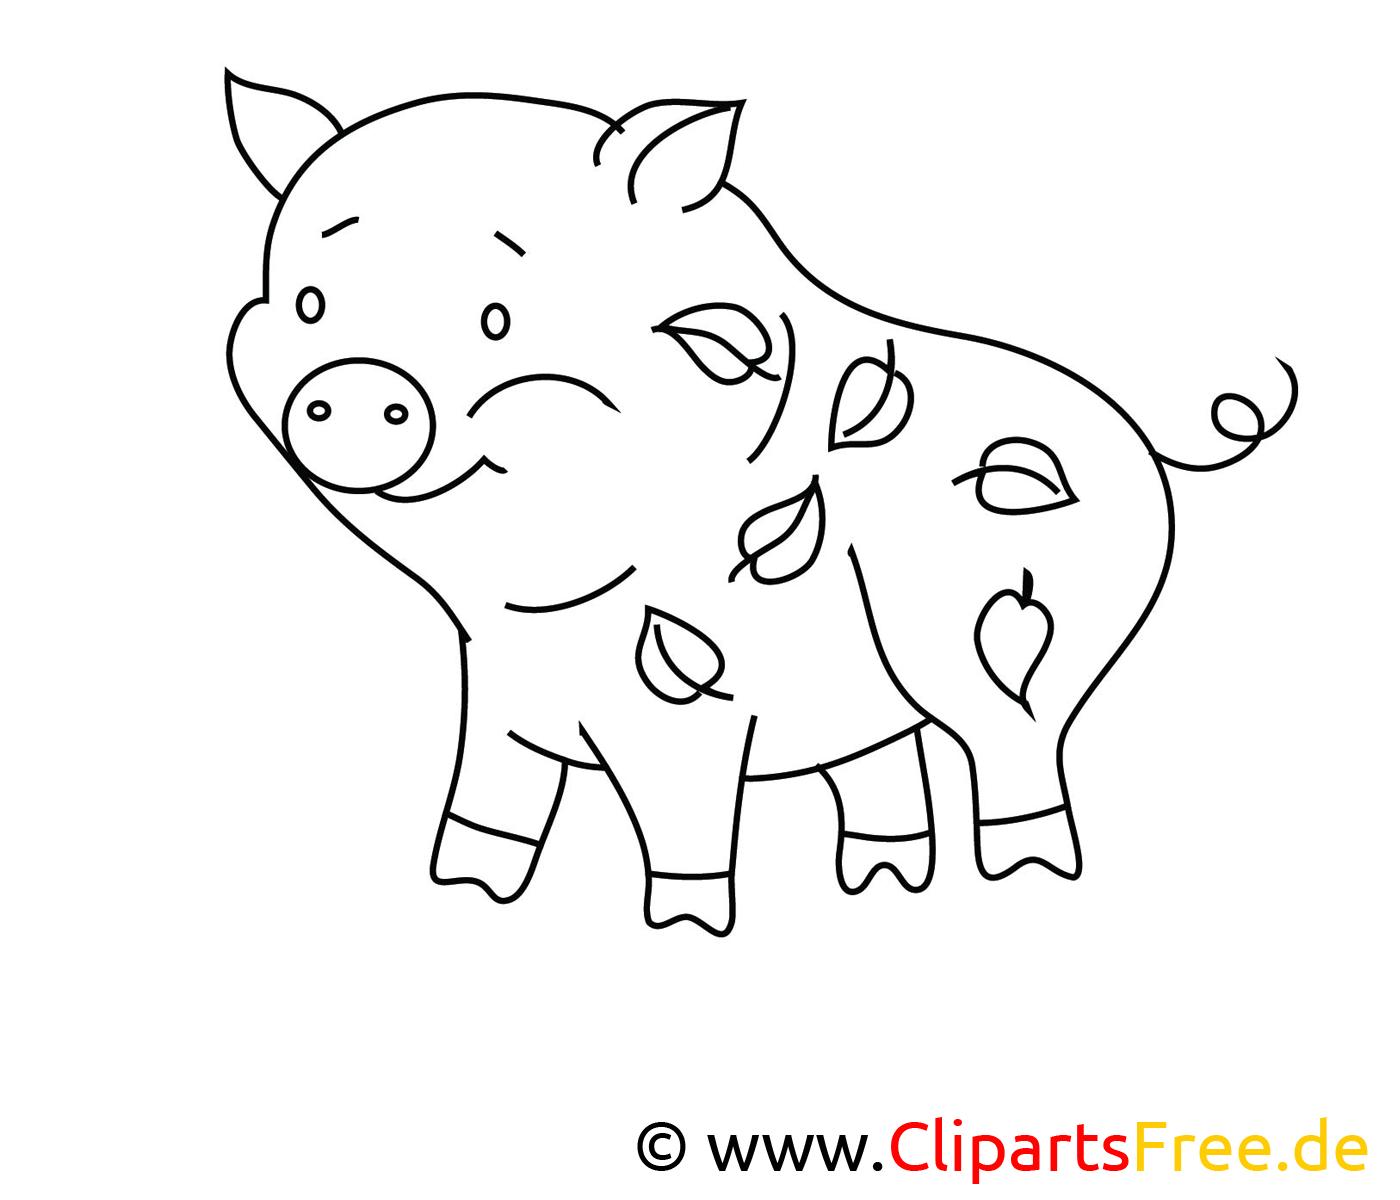 Zeichenvorlage Schwein